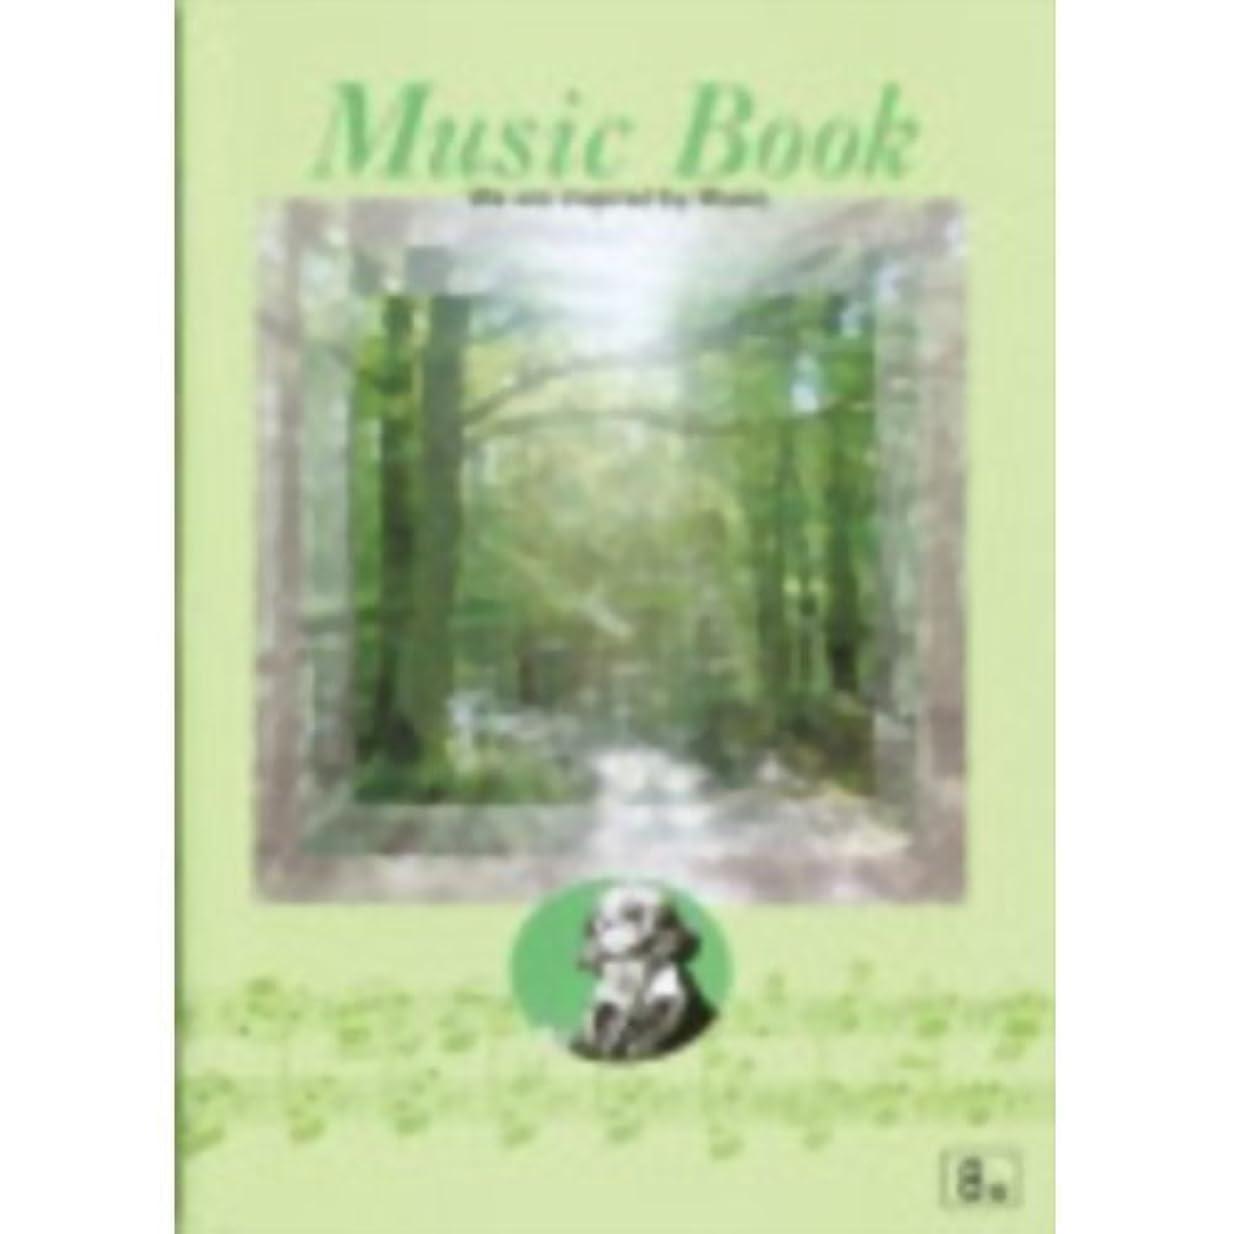 キョクトウ ミュージックブック ベートーベン8段 M581 00803408【まとめ買い10冊セット】